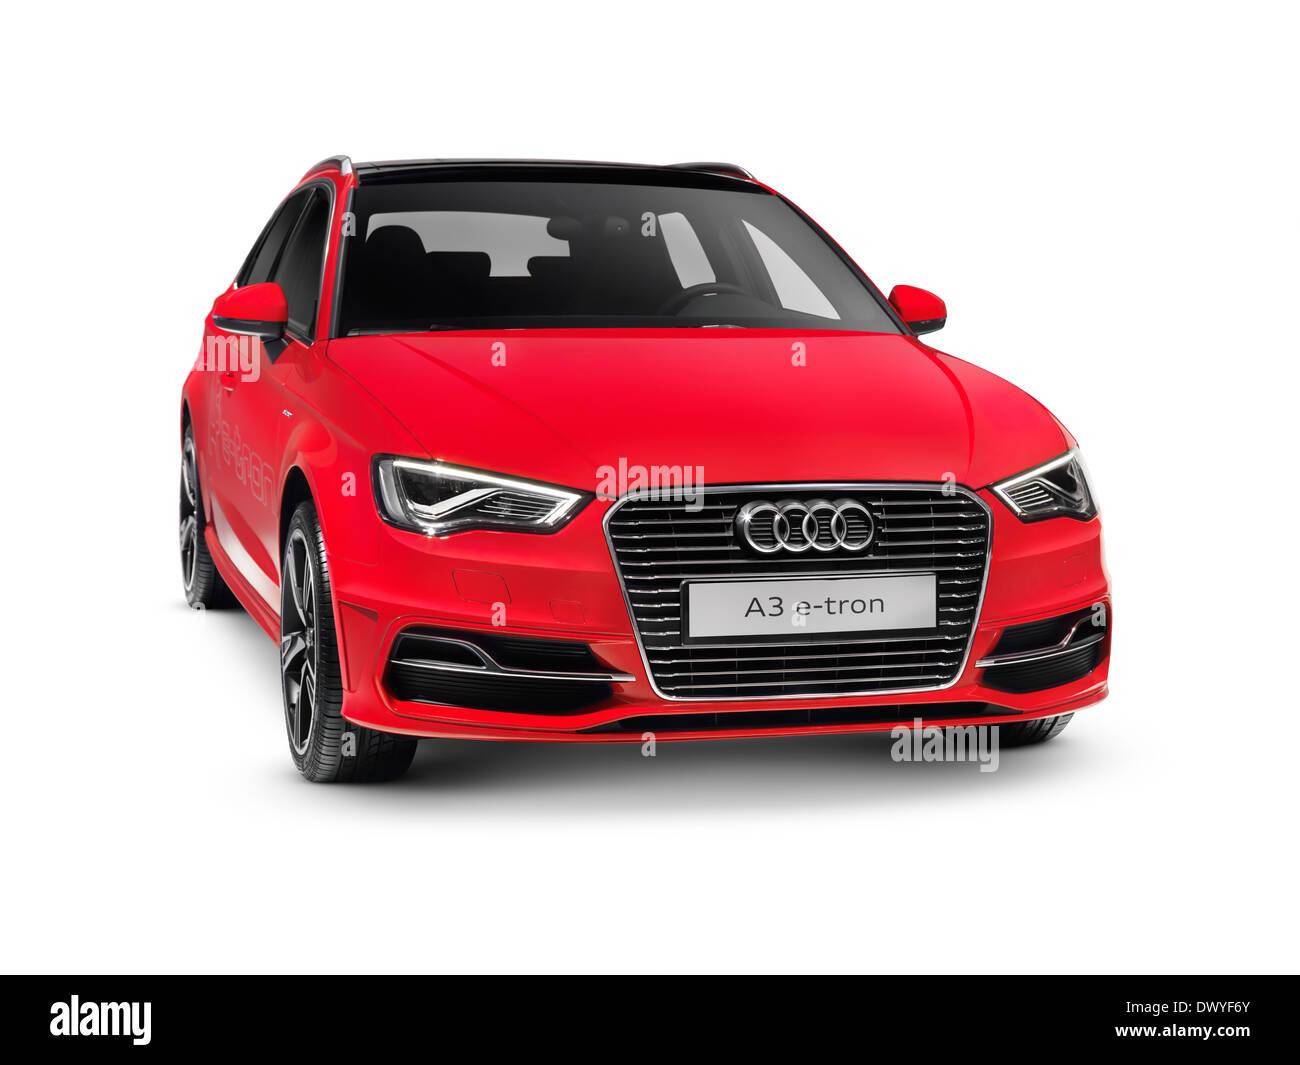 Red 2015 Audi A3 Sportback e-tron plug-in voiture hybride. Isolé sur fond blanc avec chemin de détourage. Photo Stock